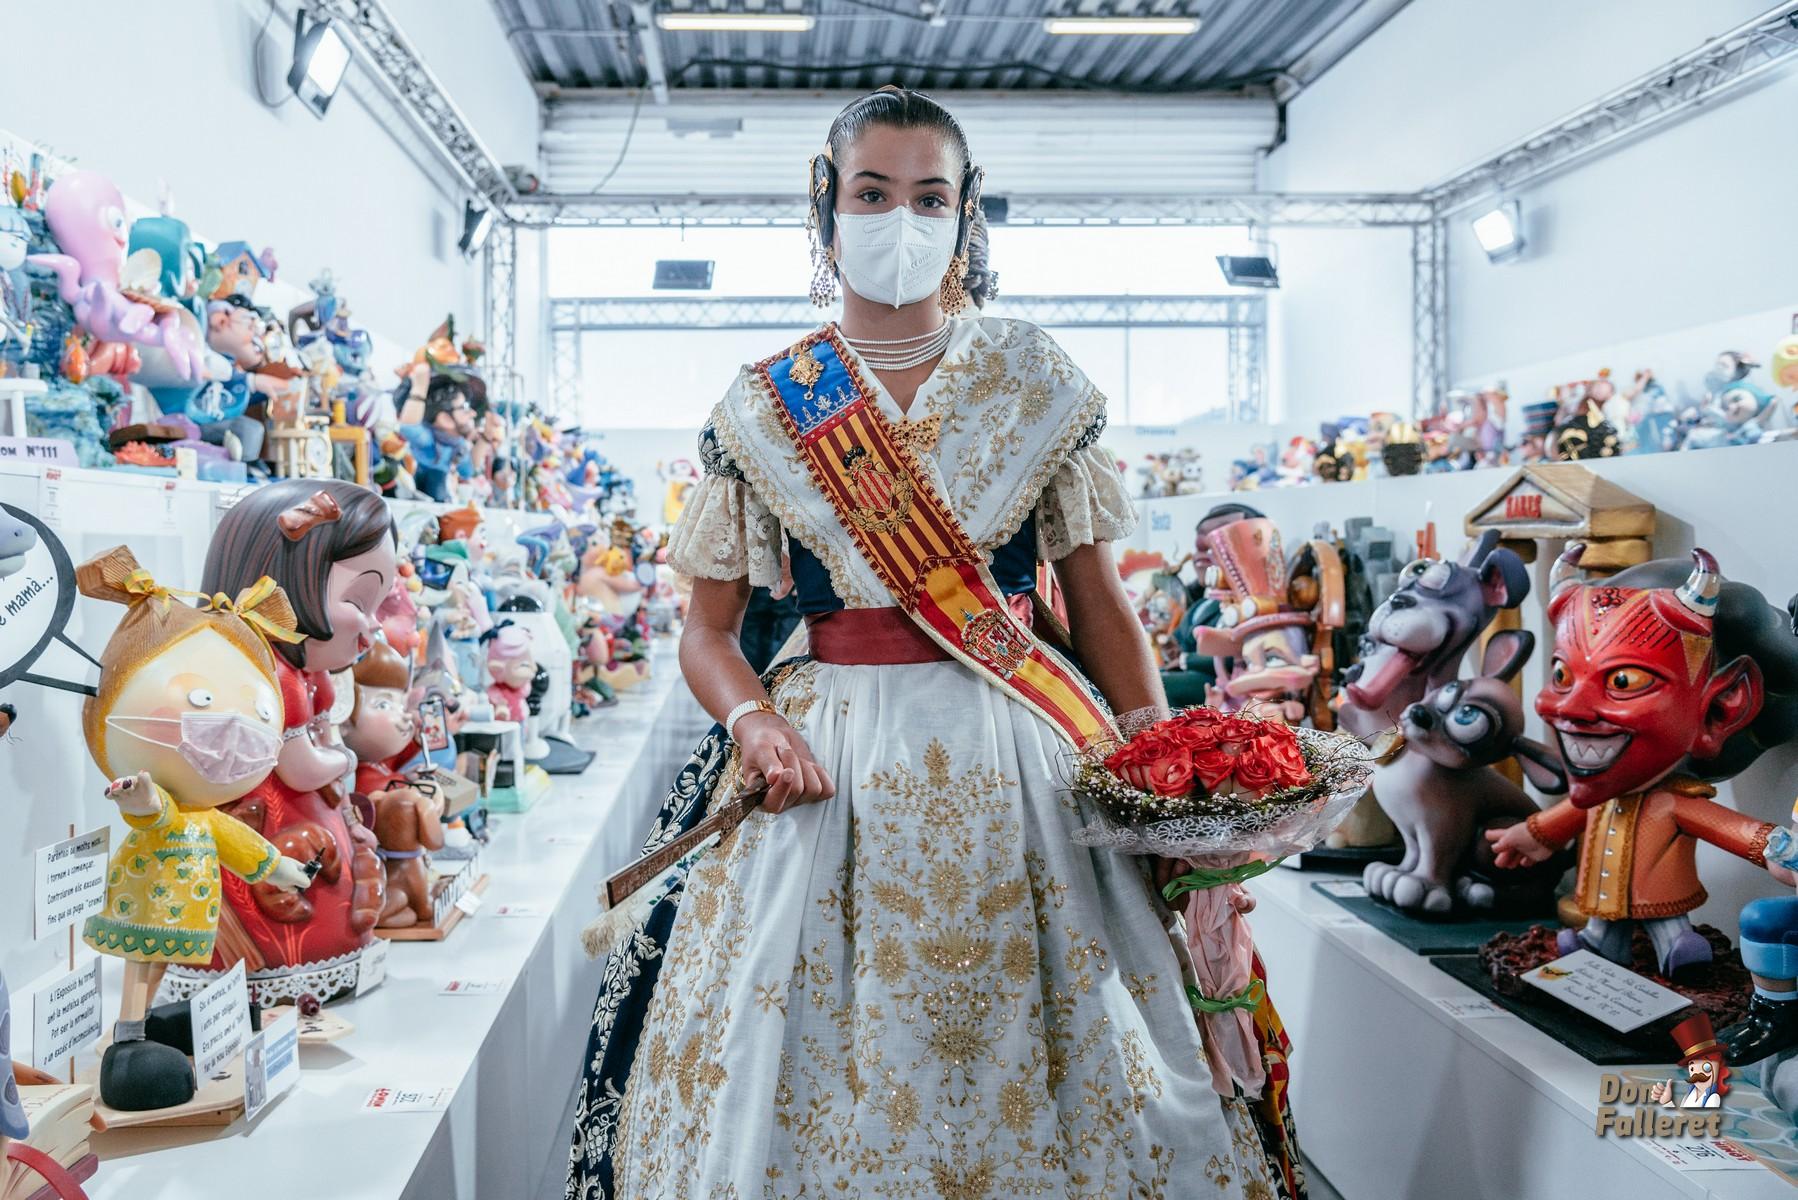 Momento de la Inauguración de la Exposición del Ninot 2021 Foto: Fran Adlert/Don Falleret